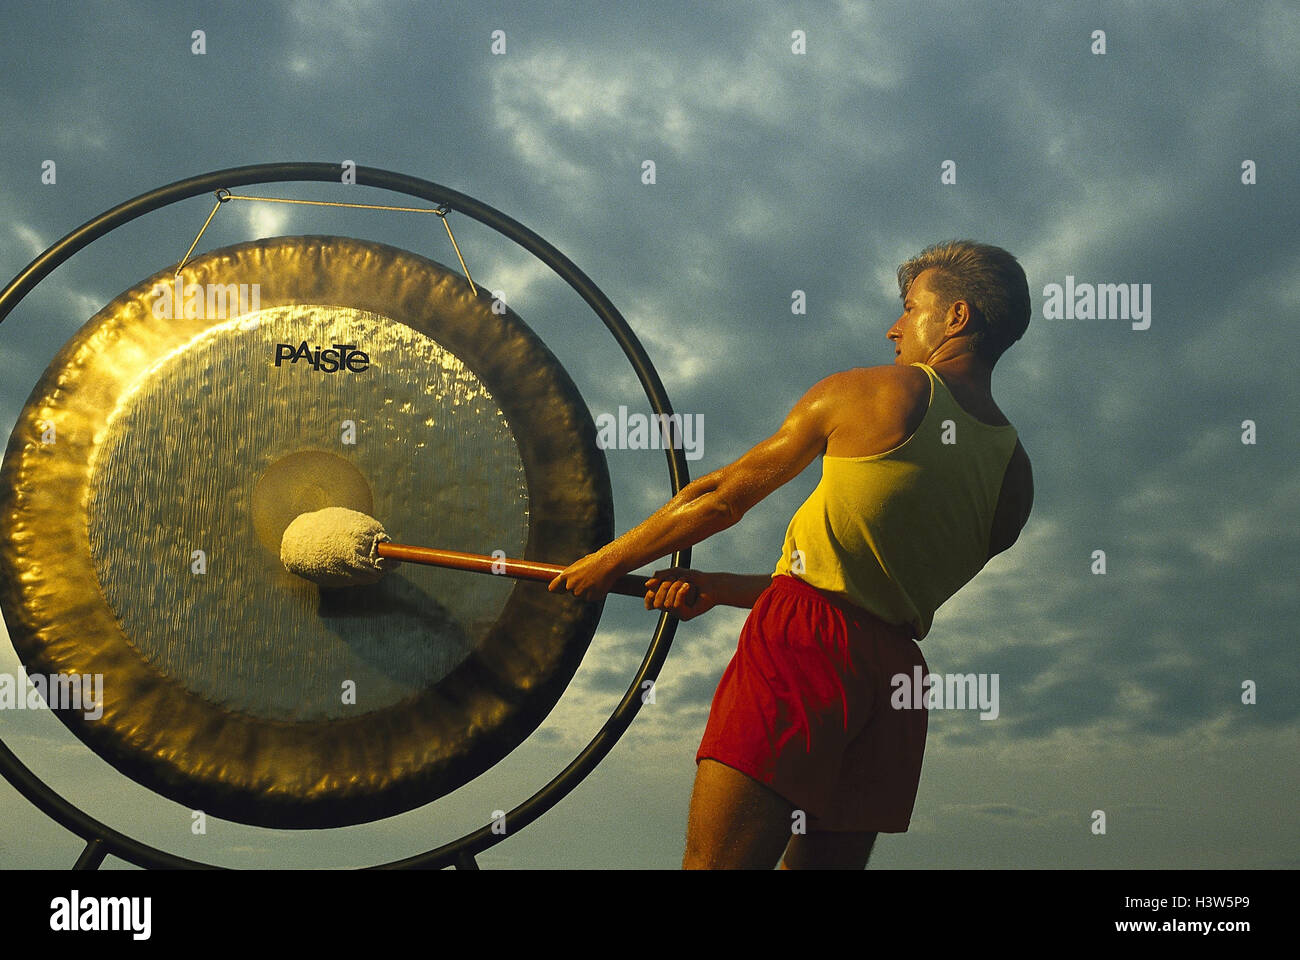 Mann, Gong, Hit, Signal, Ton, Kultur, Tradition, in Chinesisch, asiatisch, Hammer, Schlag, groß, rund, Messing, Stockbild